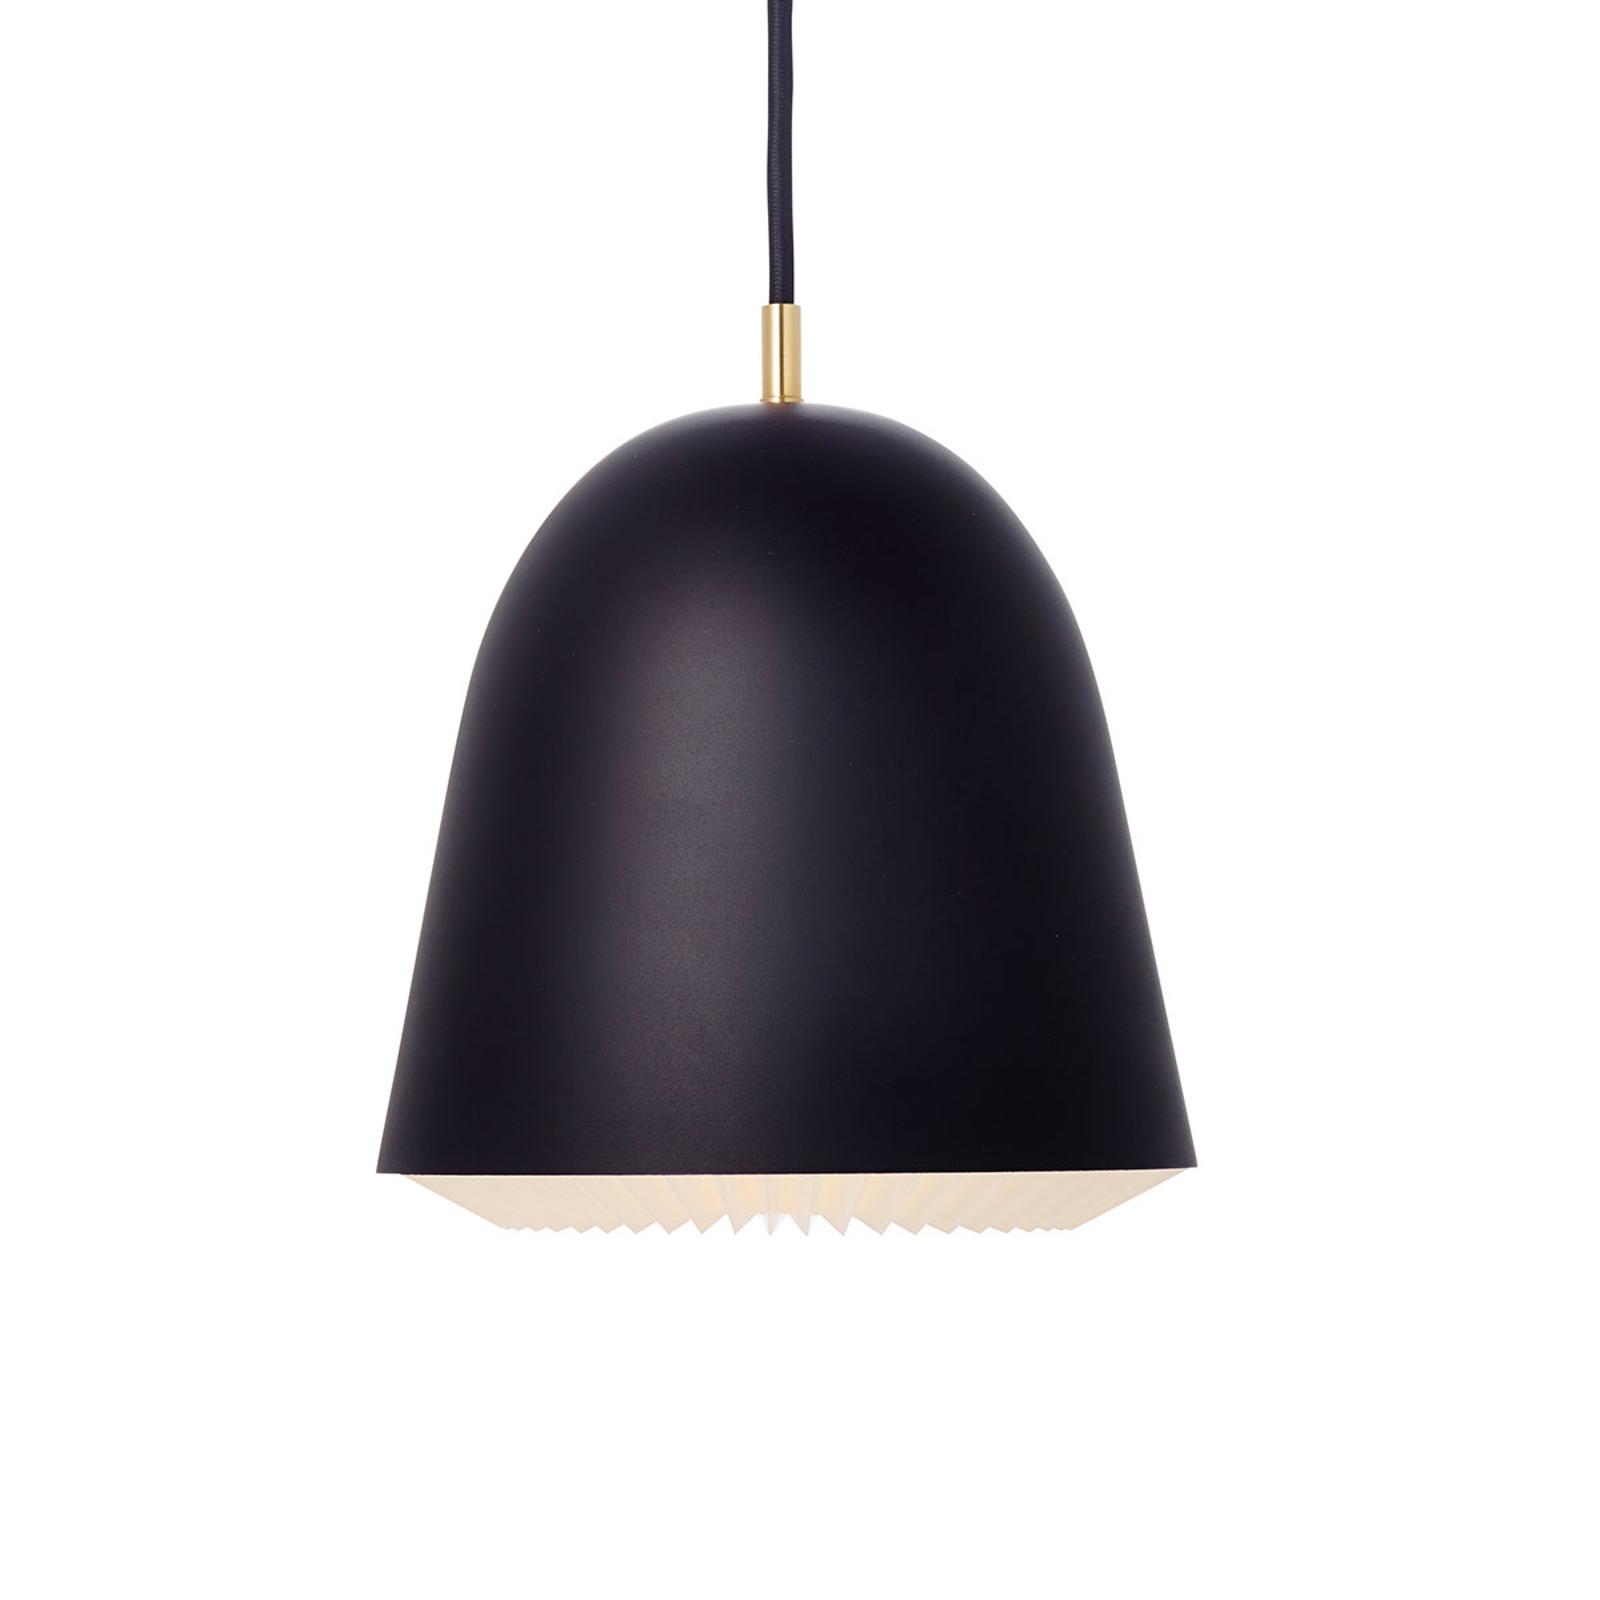 LE KLINT Caché - Pendelleuchte, schwarz, 20 cm